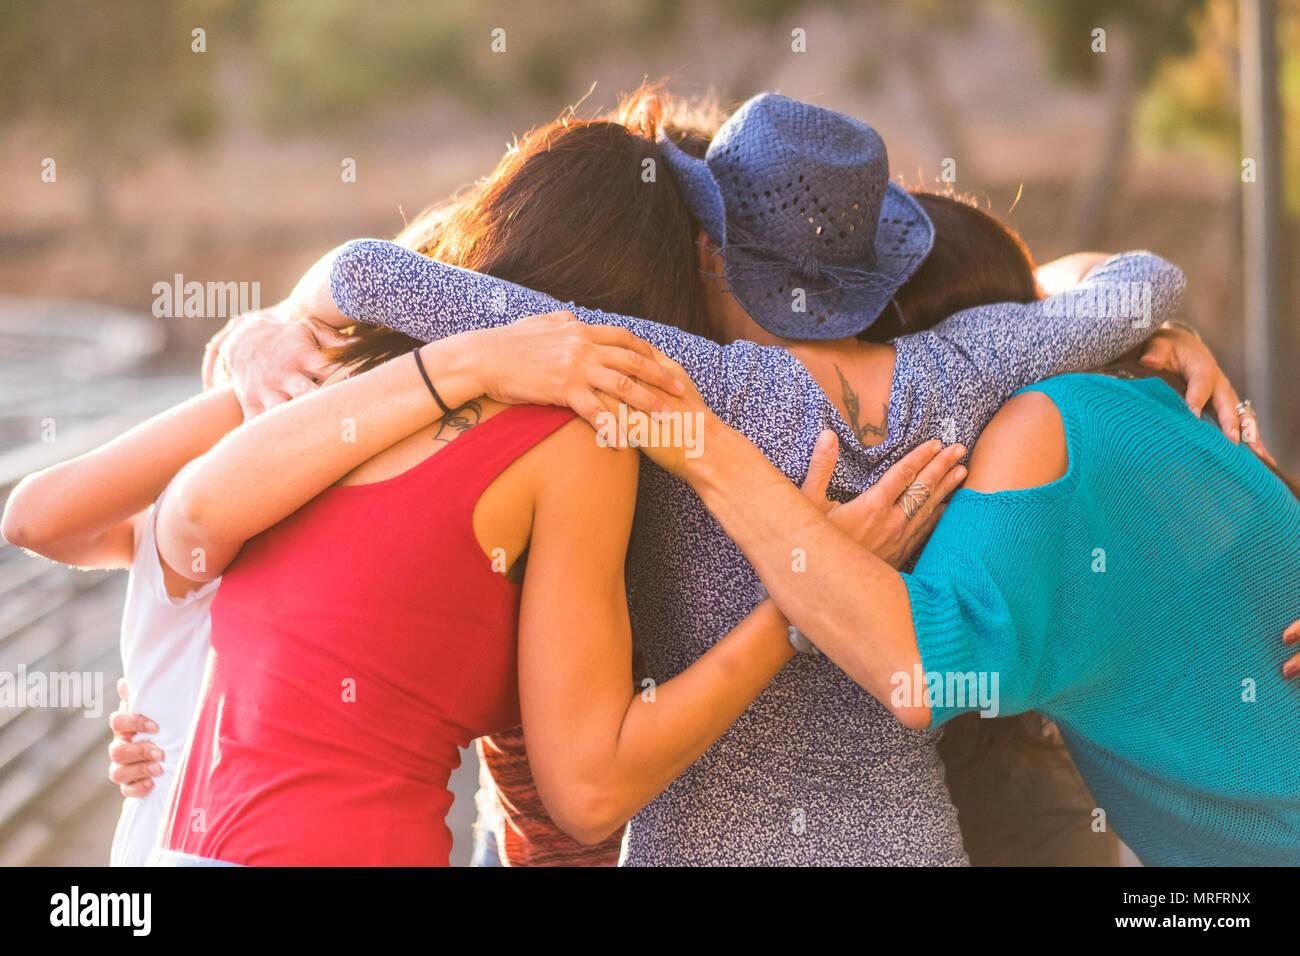 L'ensemble de l'Union européenne comme un travail d'équipe togehter et groupe d'amis femmes 7 belles femmes hug tous ensemble sous la lumière du soleil et le coucher du soleil pour l'amitié et r Photo Stock